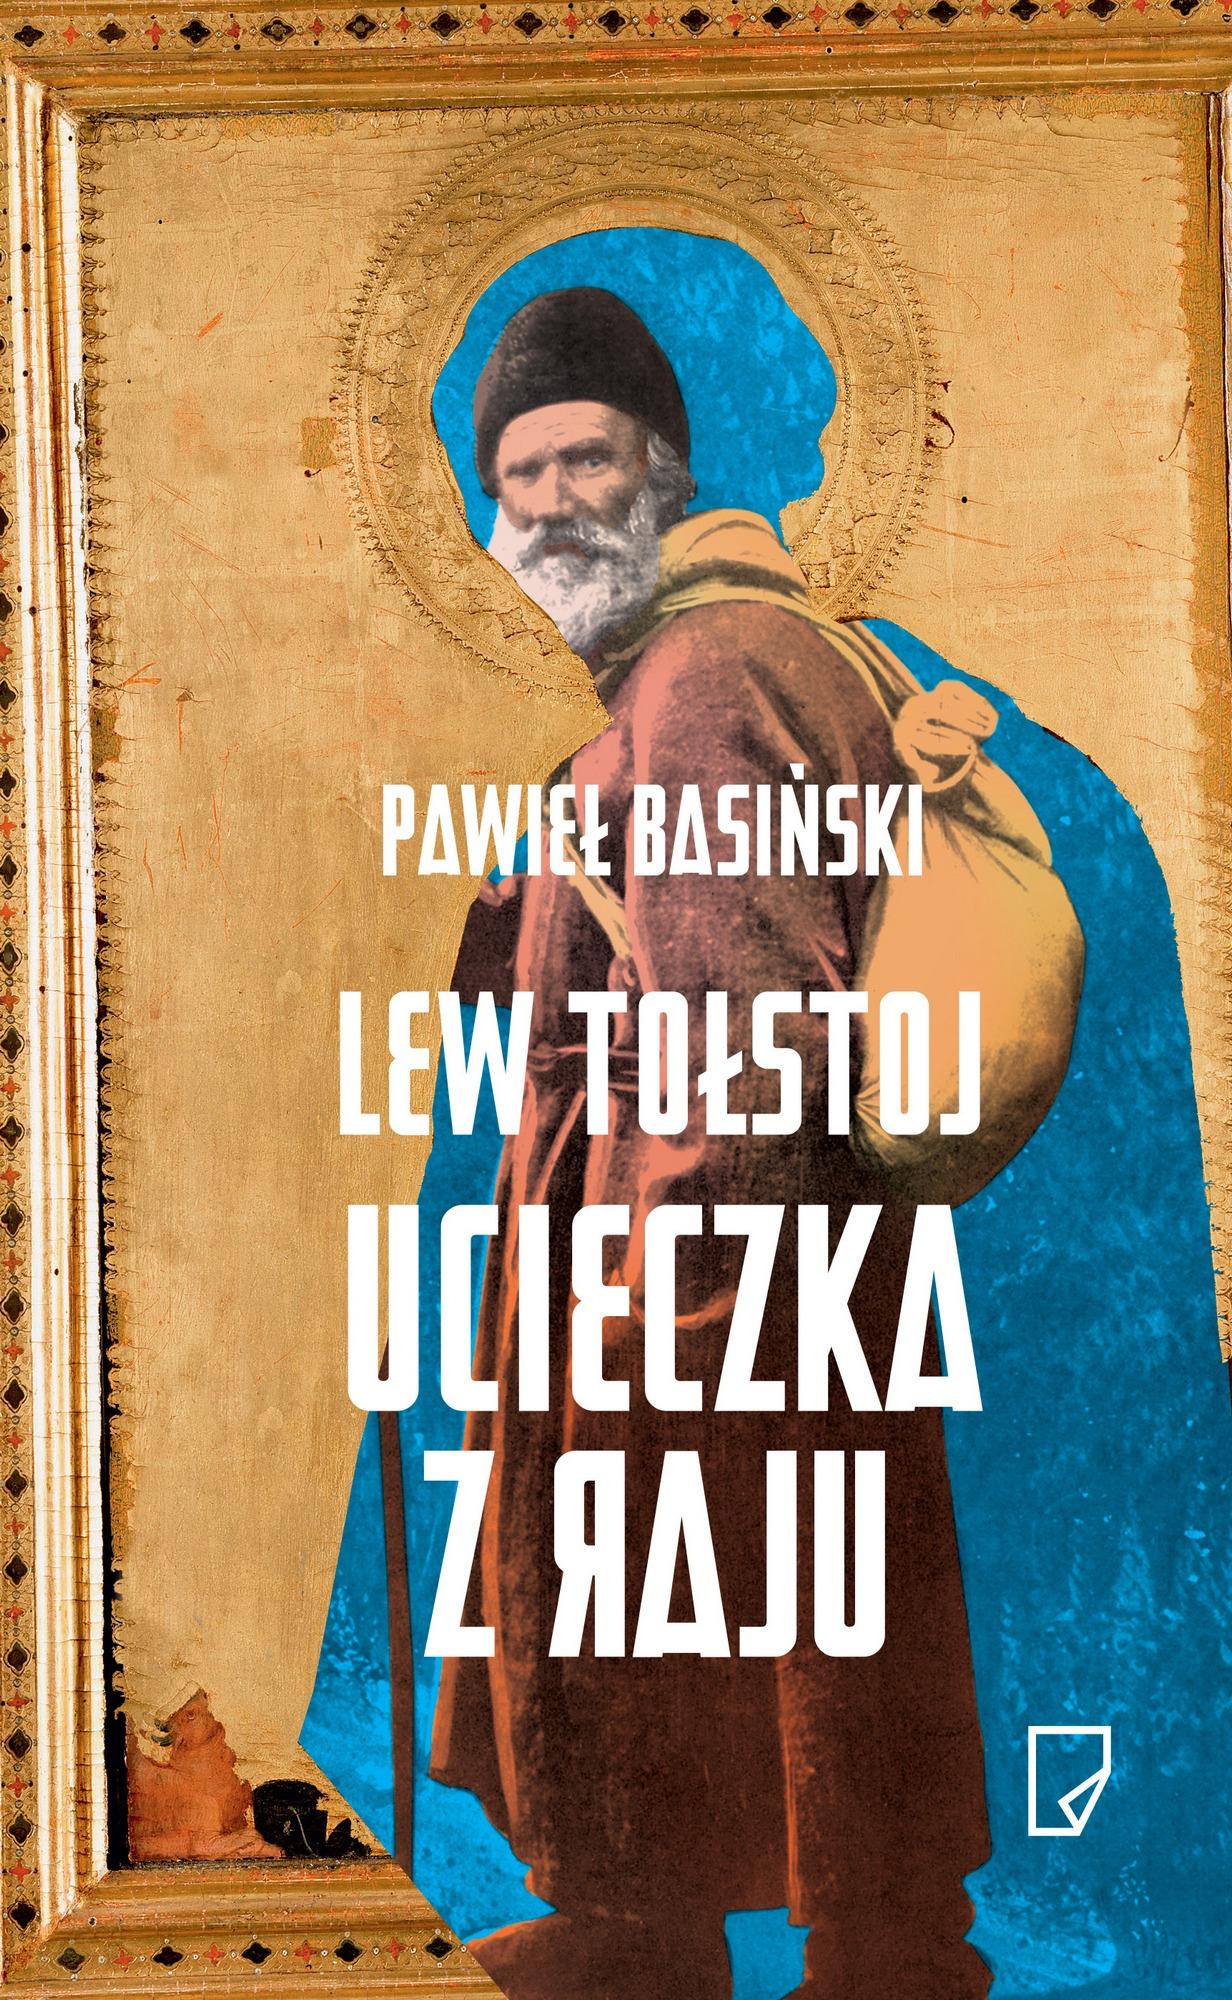 """Pawieł Basiński, """"Lew Tołstoj. Ucieczka z raju"""" – okładka (źródło: materiały prasowe wydawcy)"""